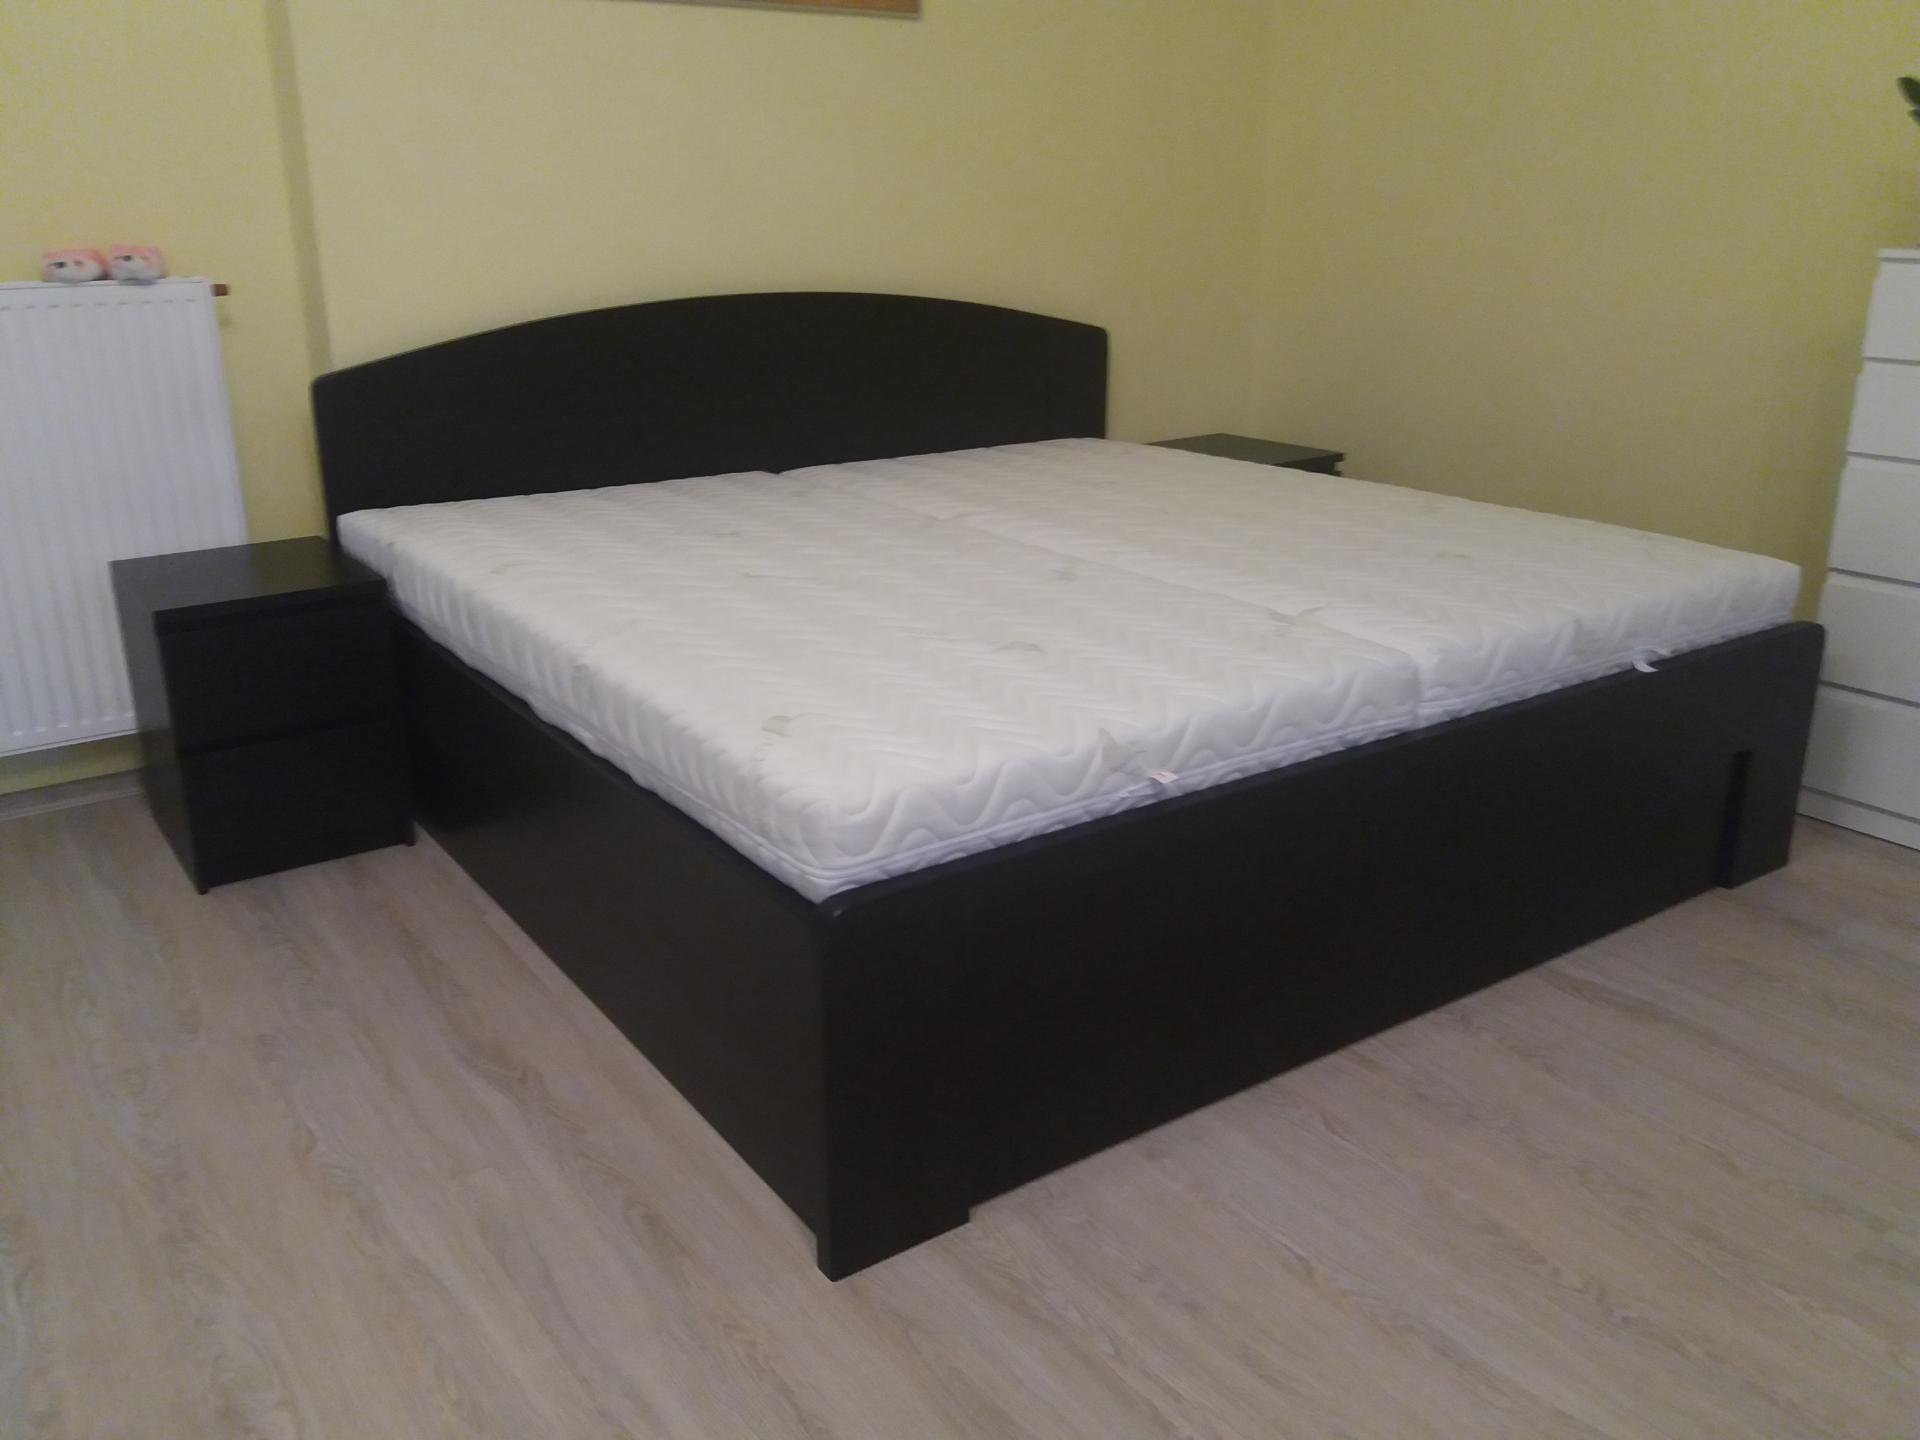 PETRA Dřevěná postel z masivu, s úložným prostorem